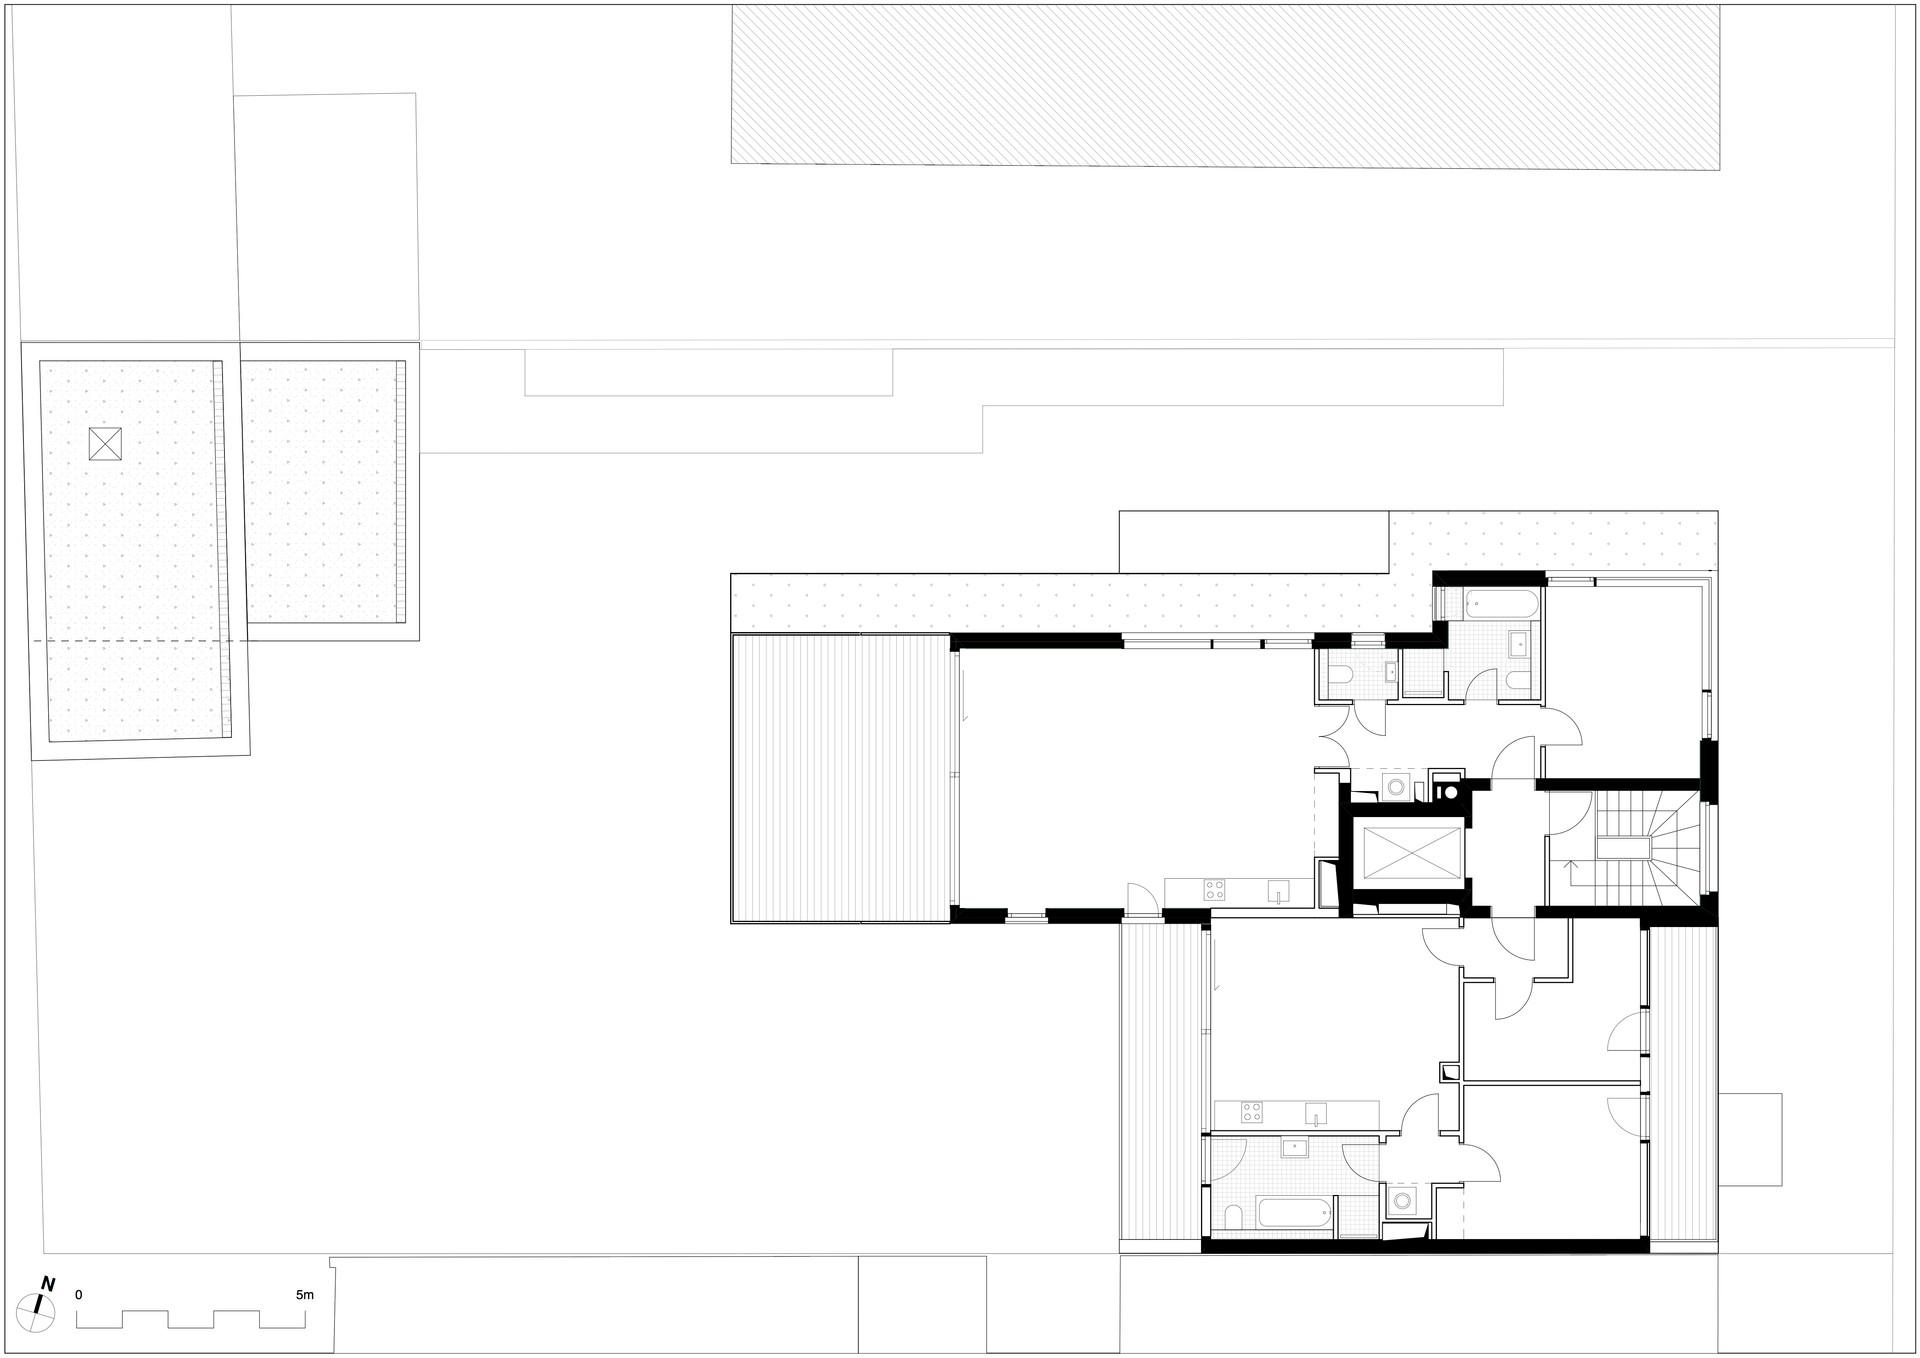 Dachgeschoss - Grundriss